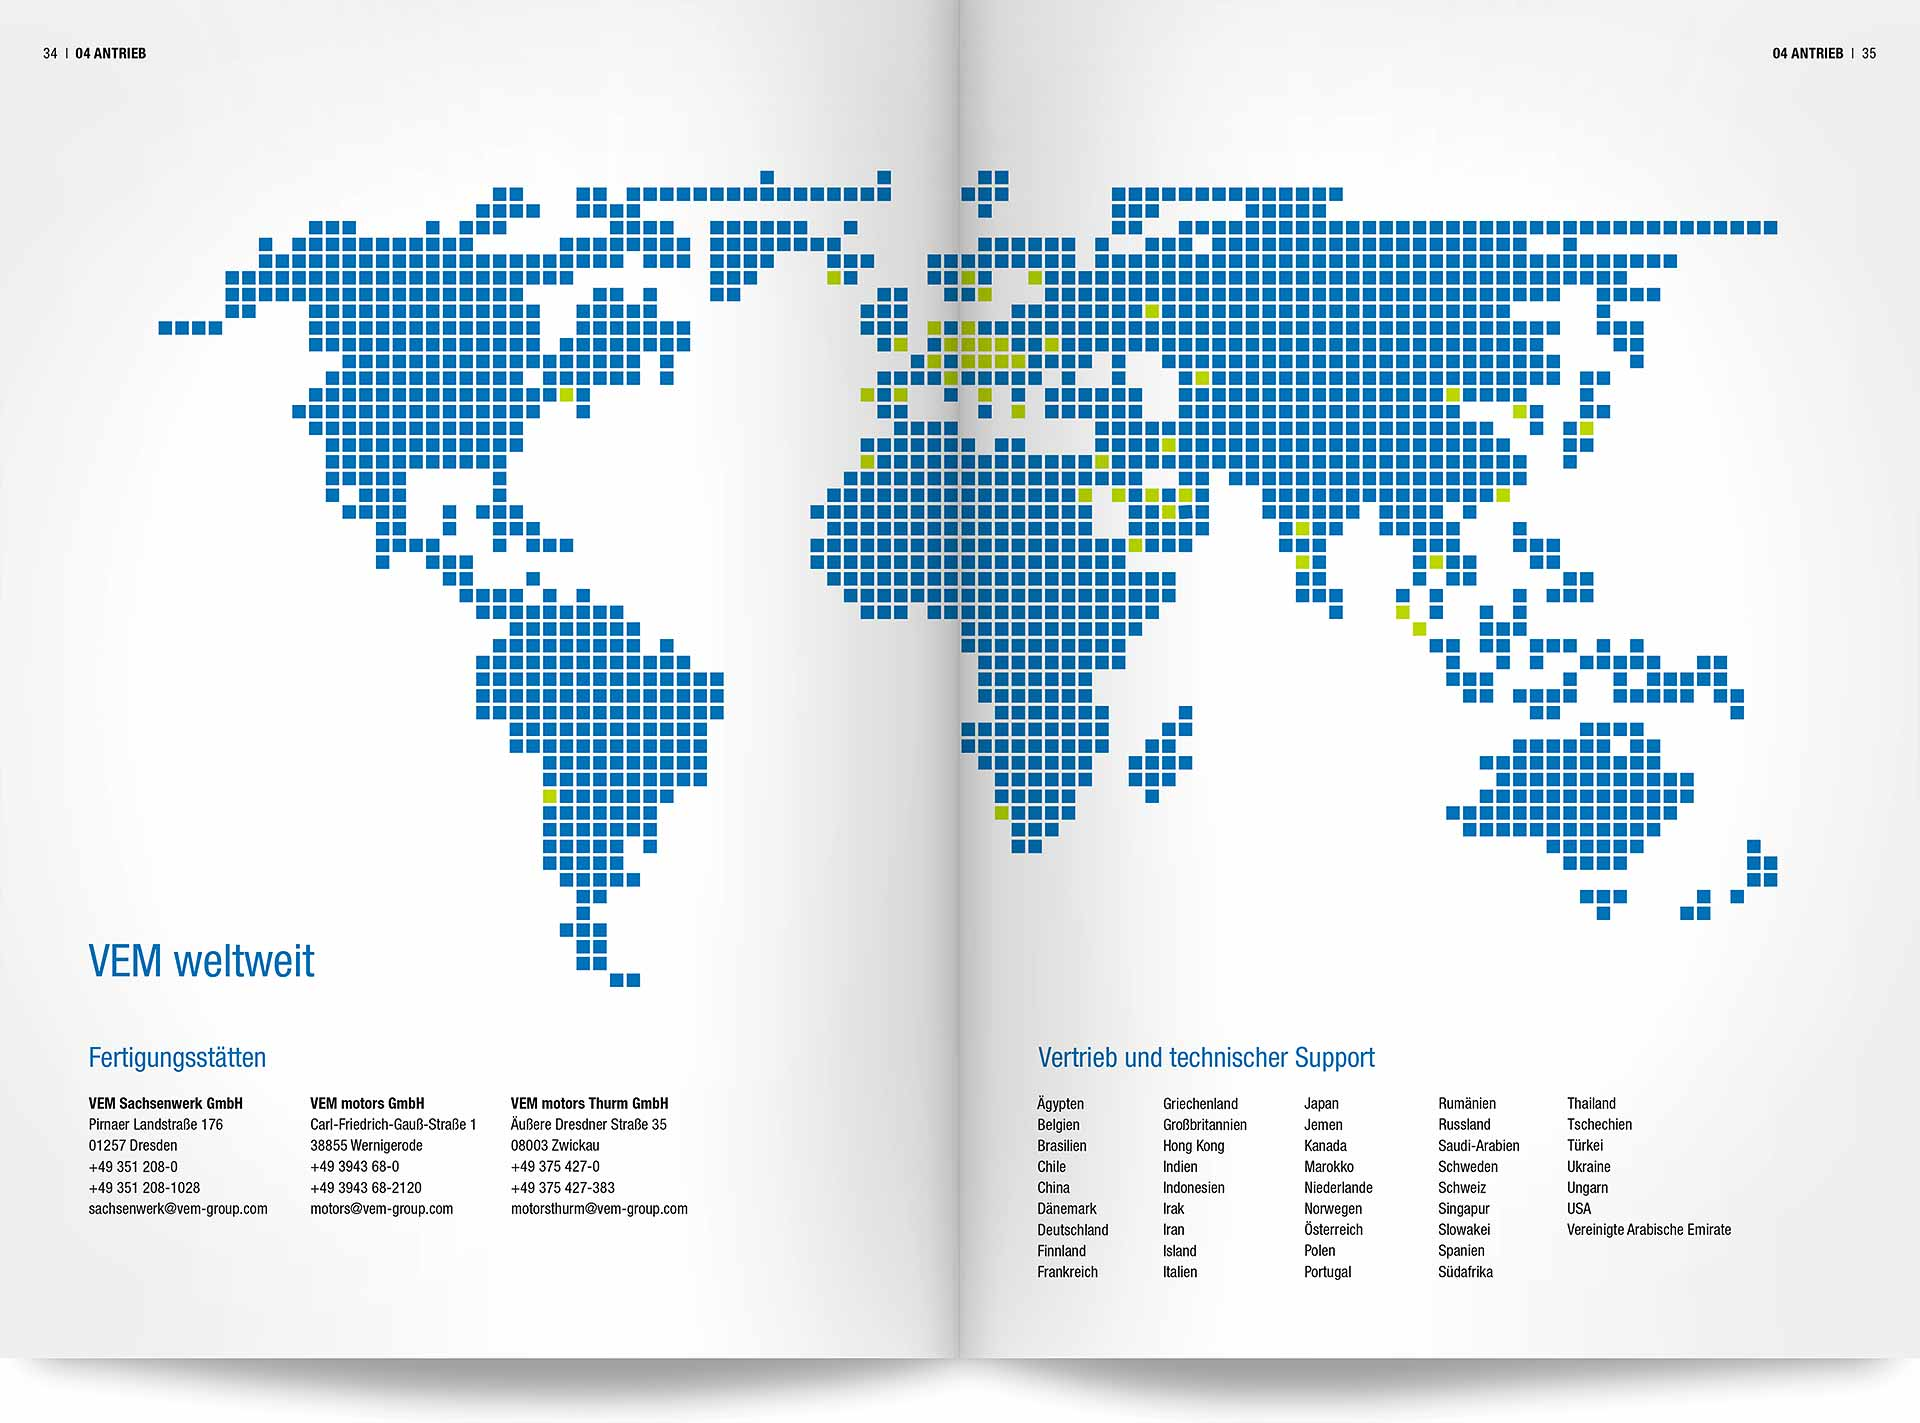 VEM Standorte weltweit